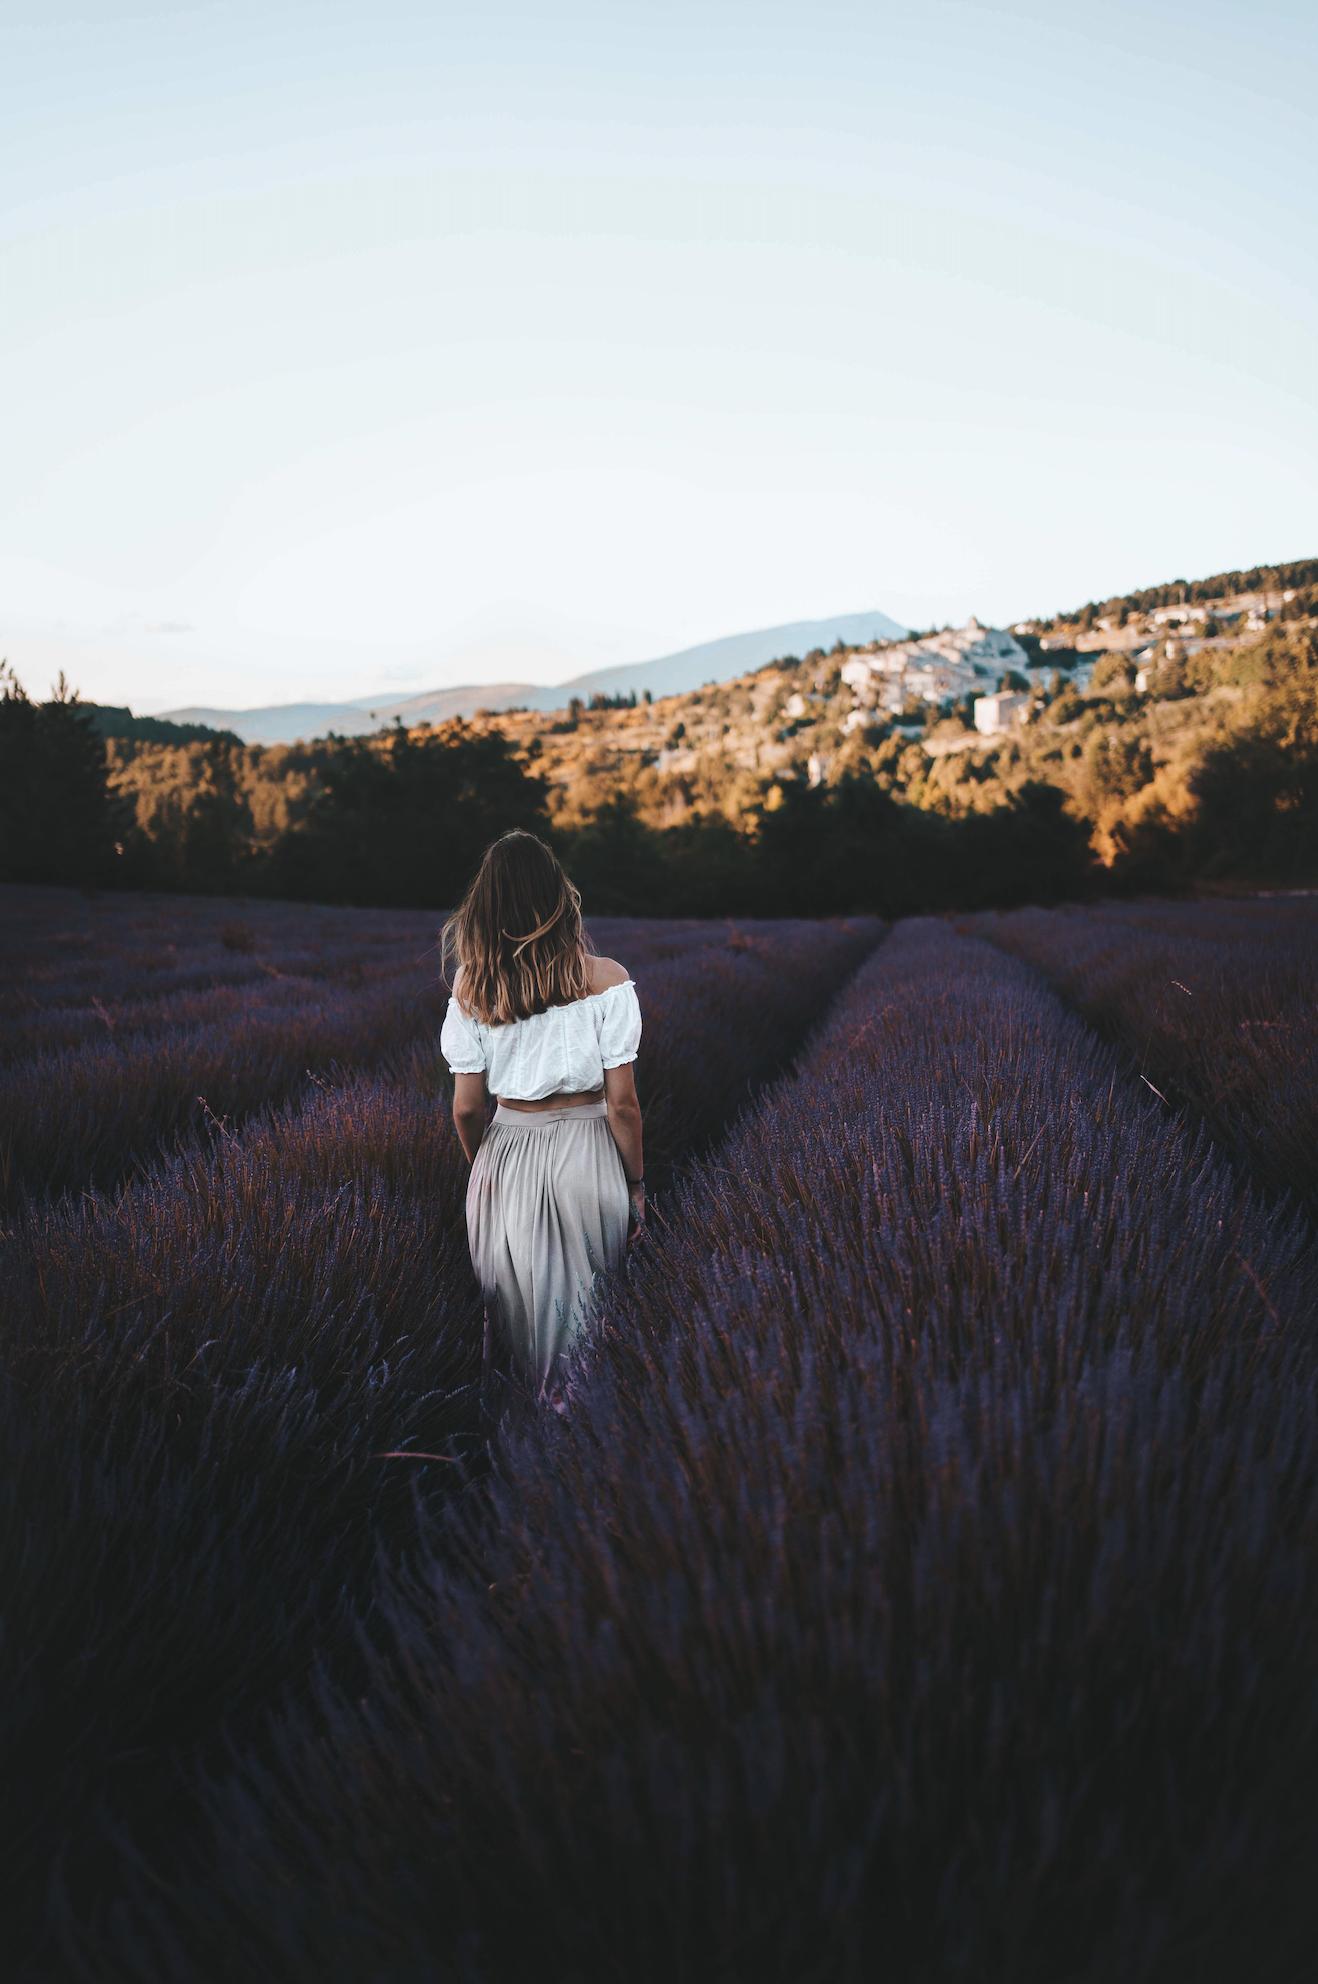 aurel lavendes